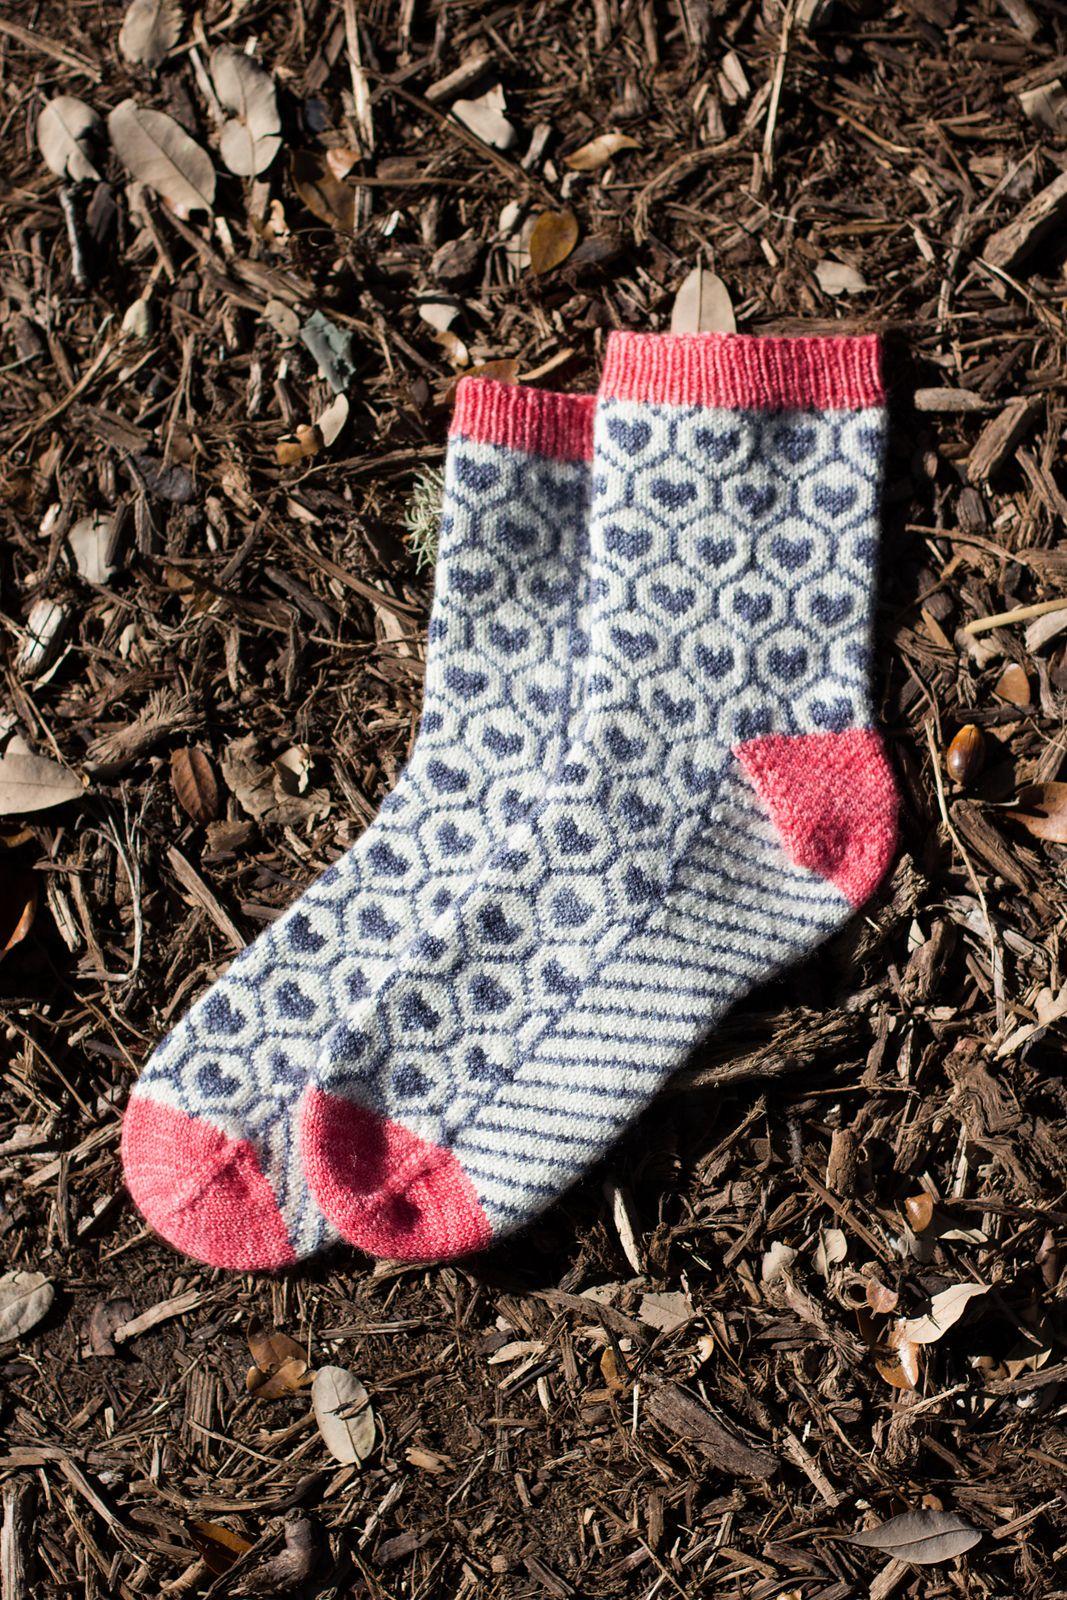 Ravelry recently added to socks knitting crochet pinterest crochet socks bankloansurffo Image collections